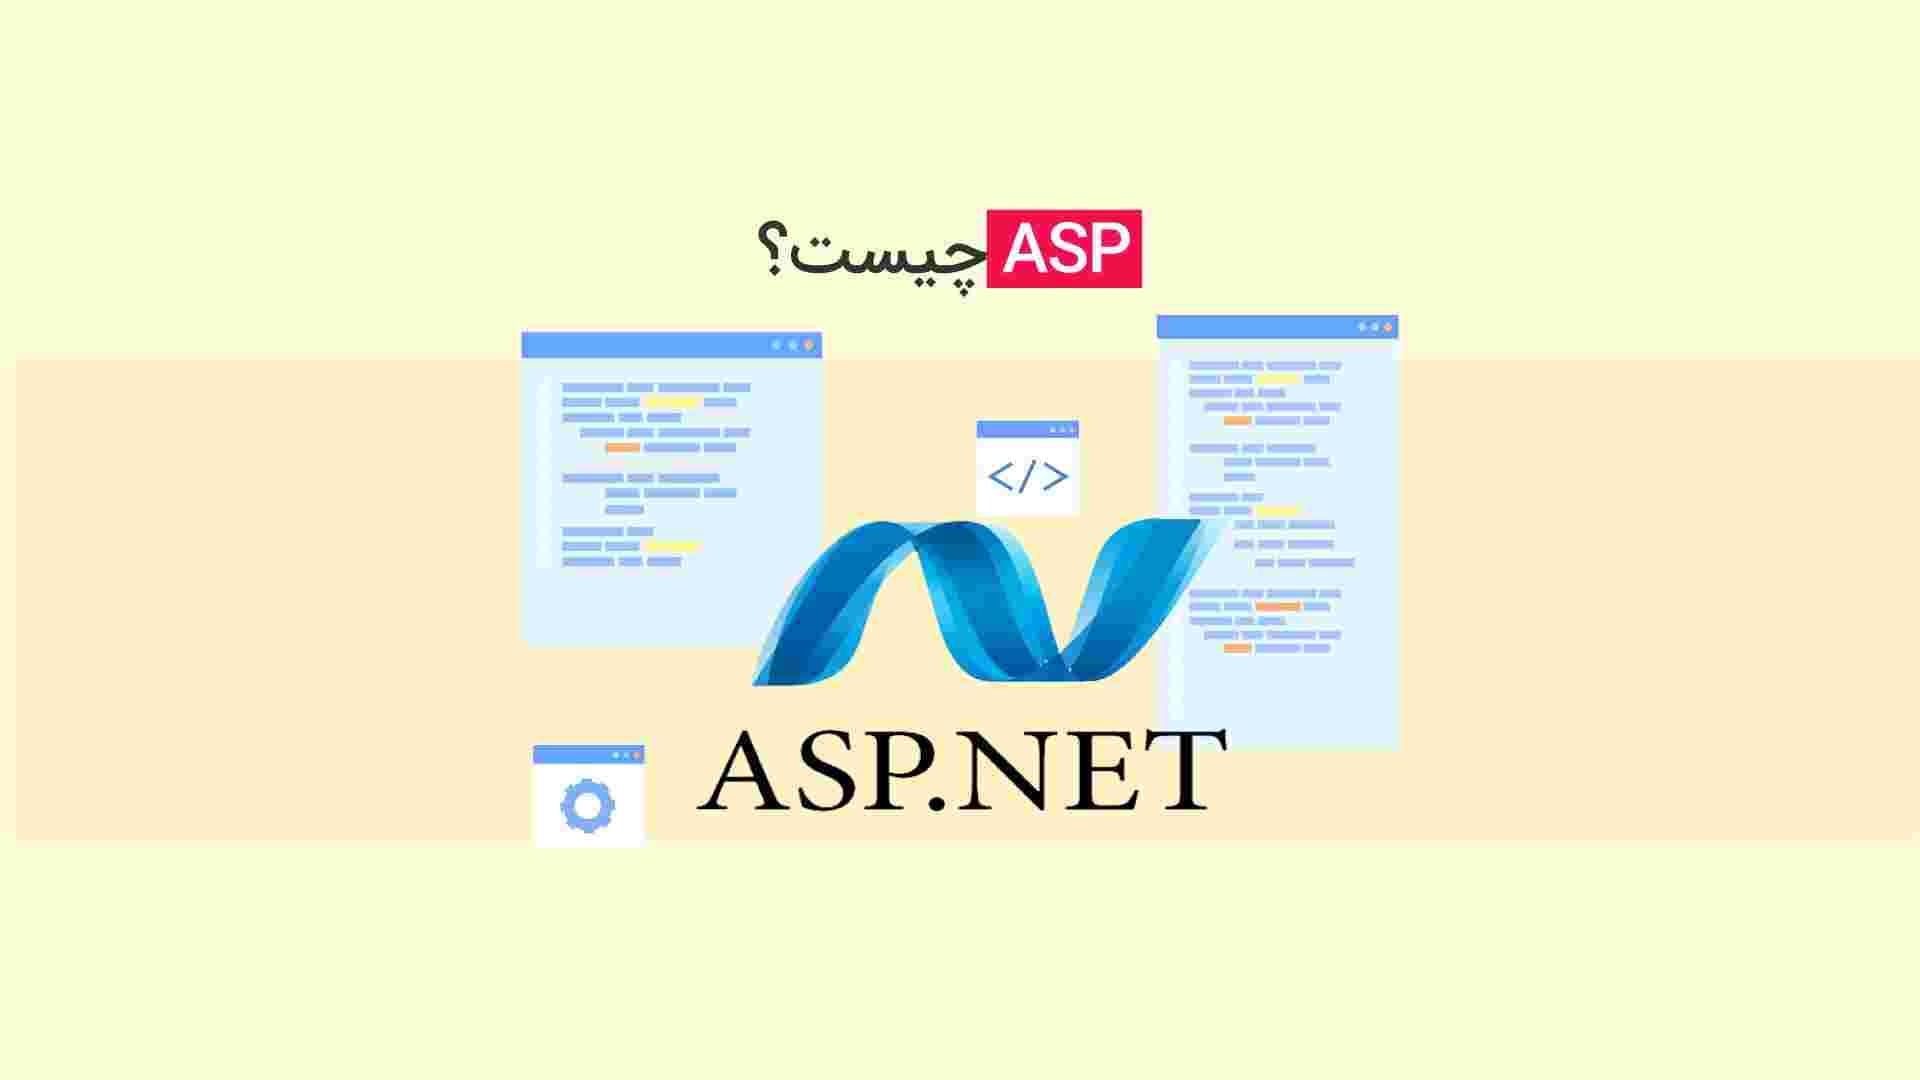 ASP چیست؟ معرفی زبان برنامه نویسی ASP و کاربردهای آن